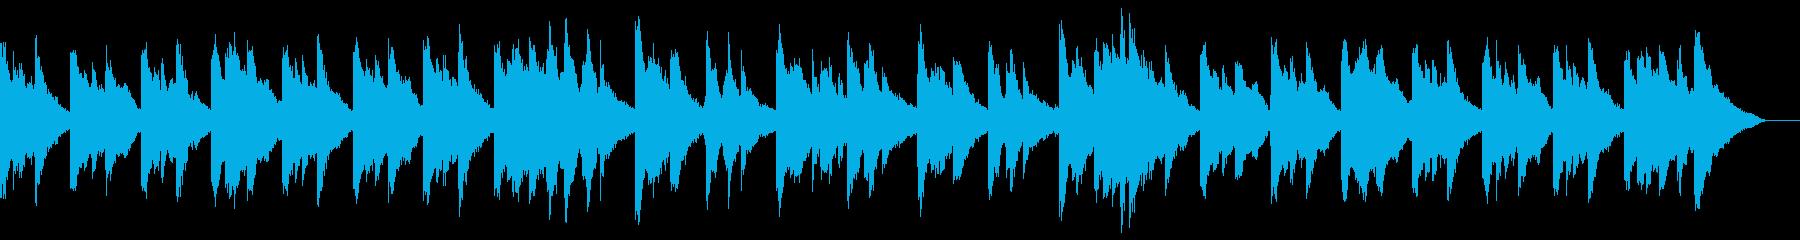 幻想的なシーンに合うピアノBGMの再生済みの波形